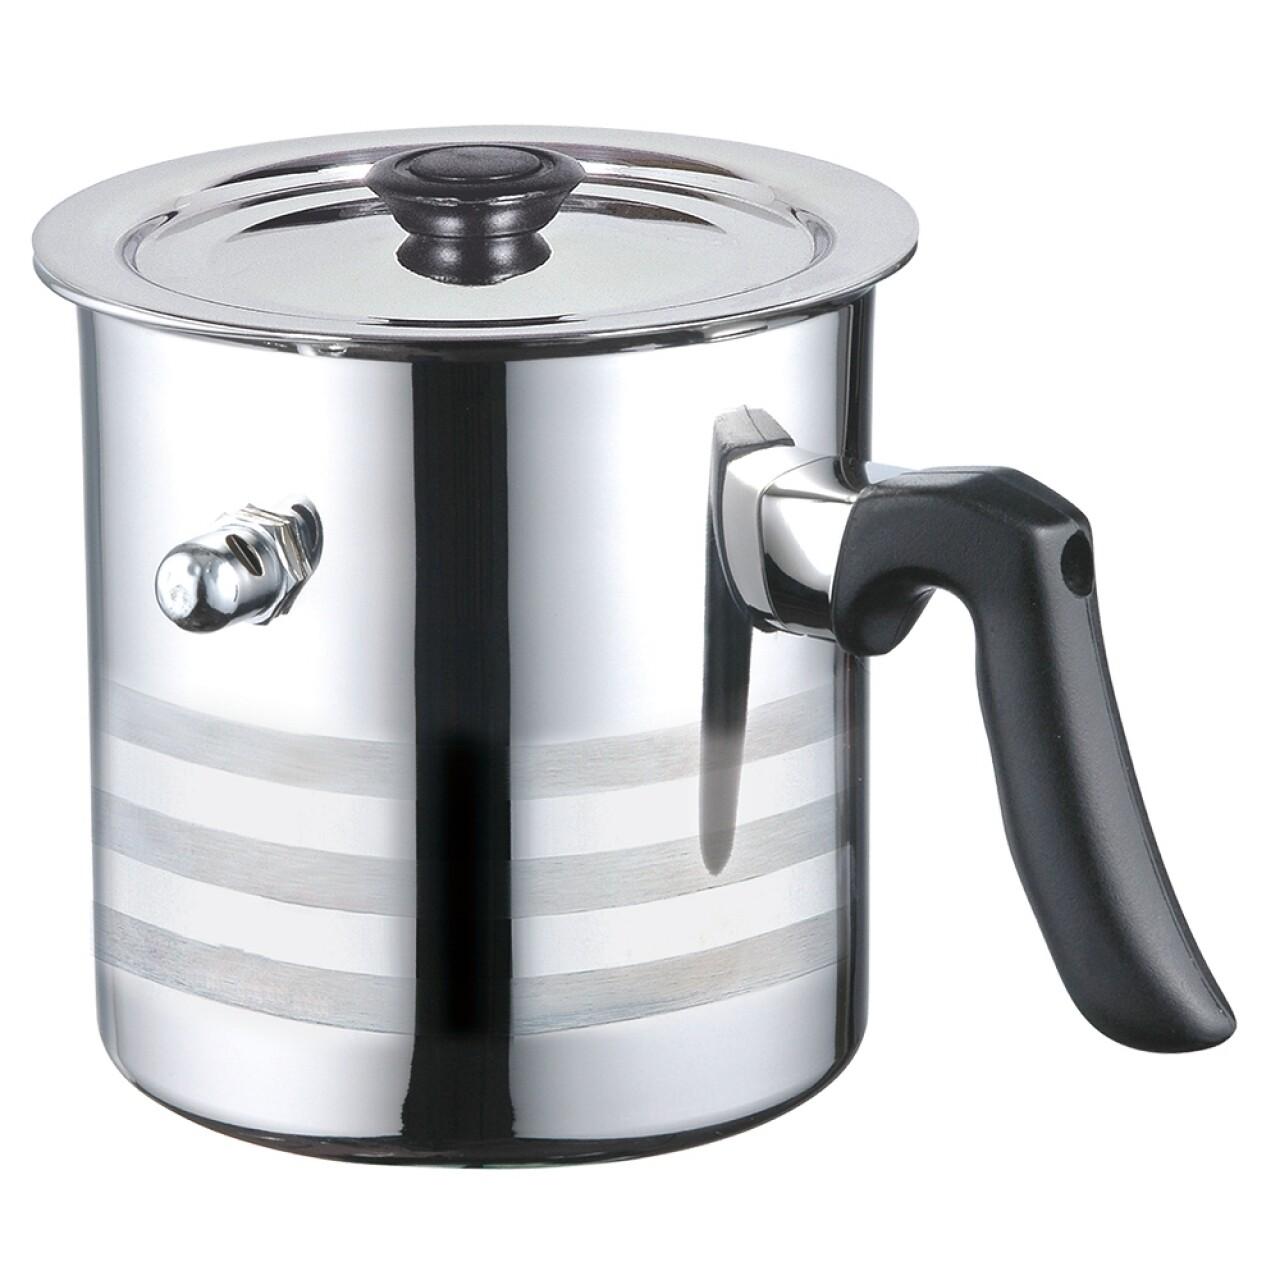 Oala pentru fiert lapte cu capac si avertizare sonoră, Blaumann, 2.5 l, inox, argintiu